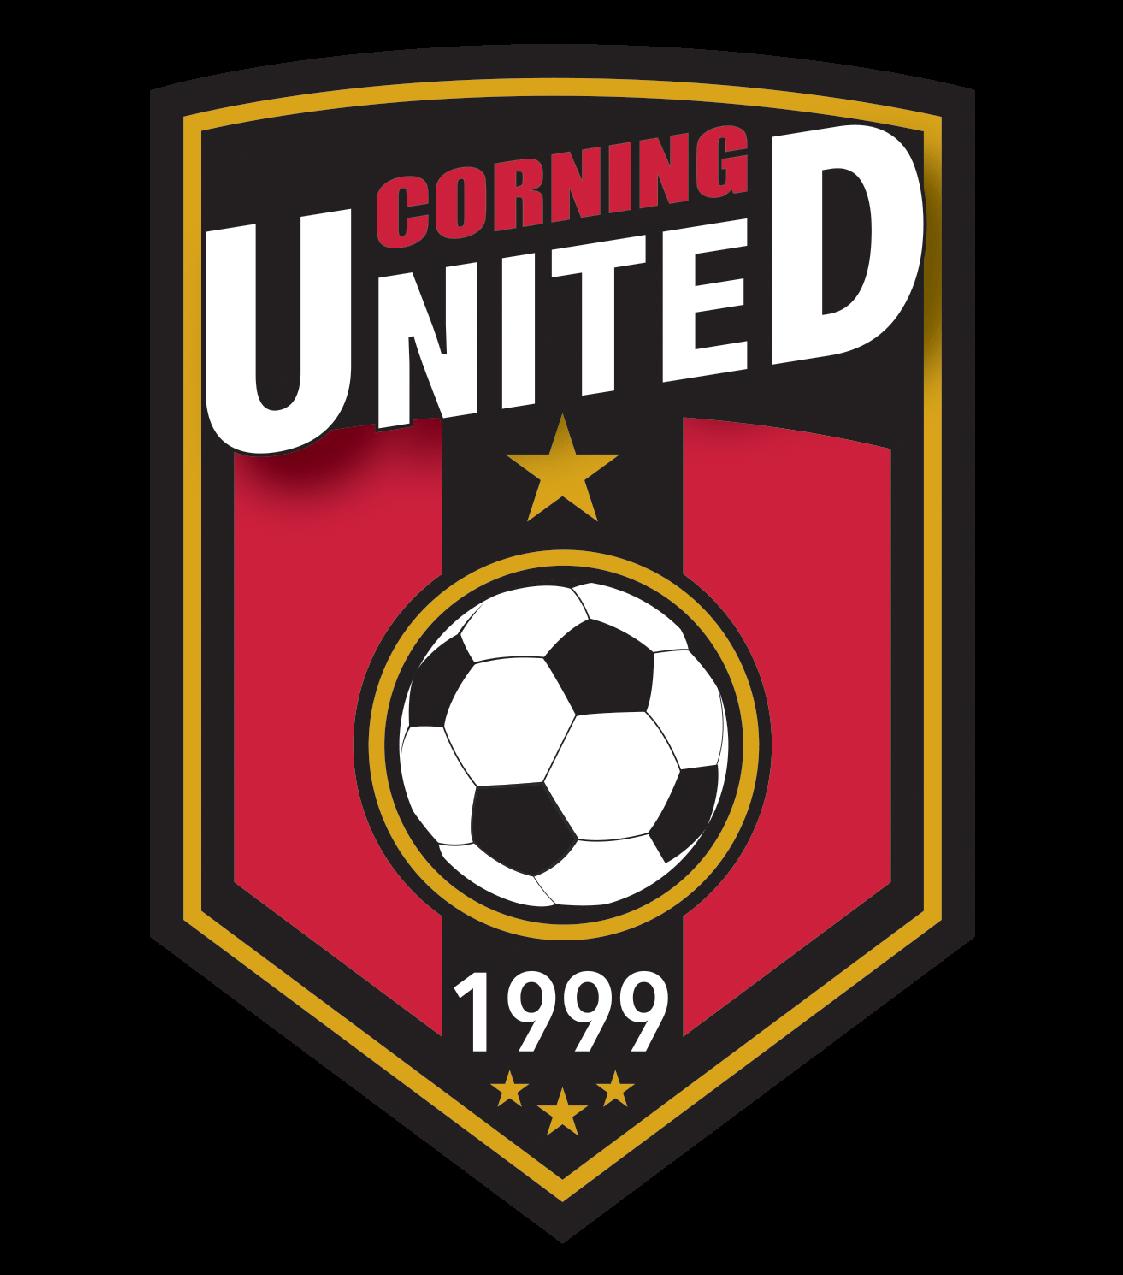 Corning United